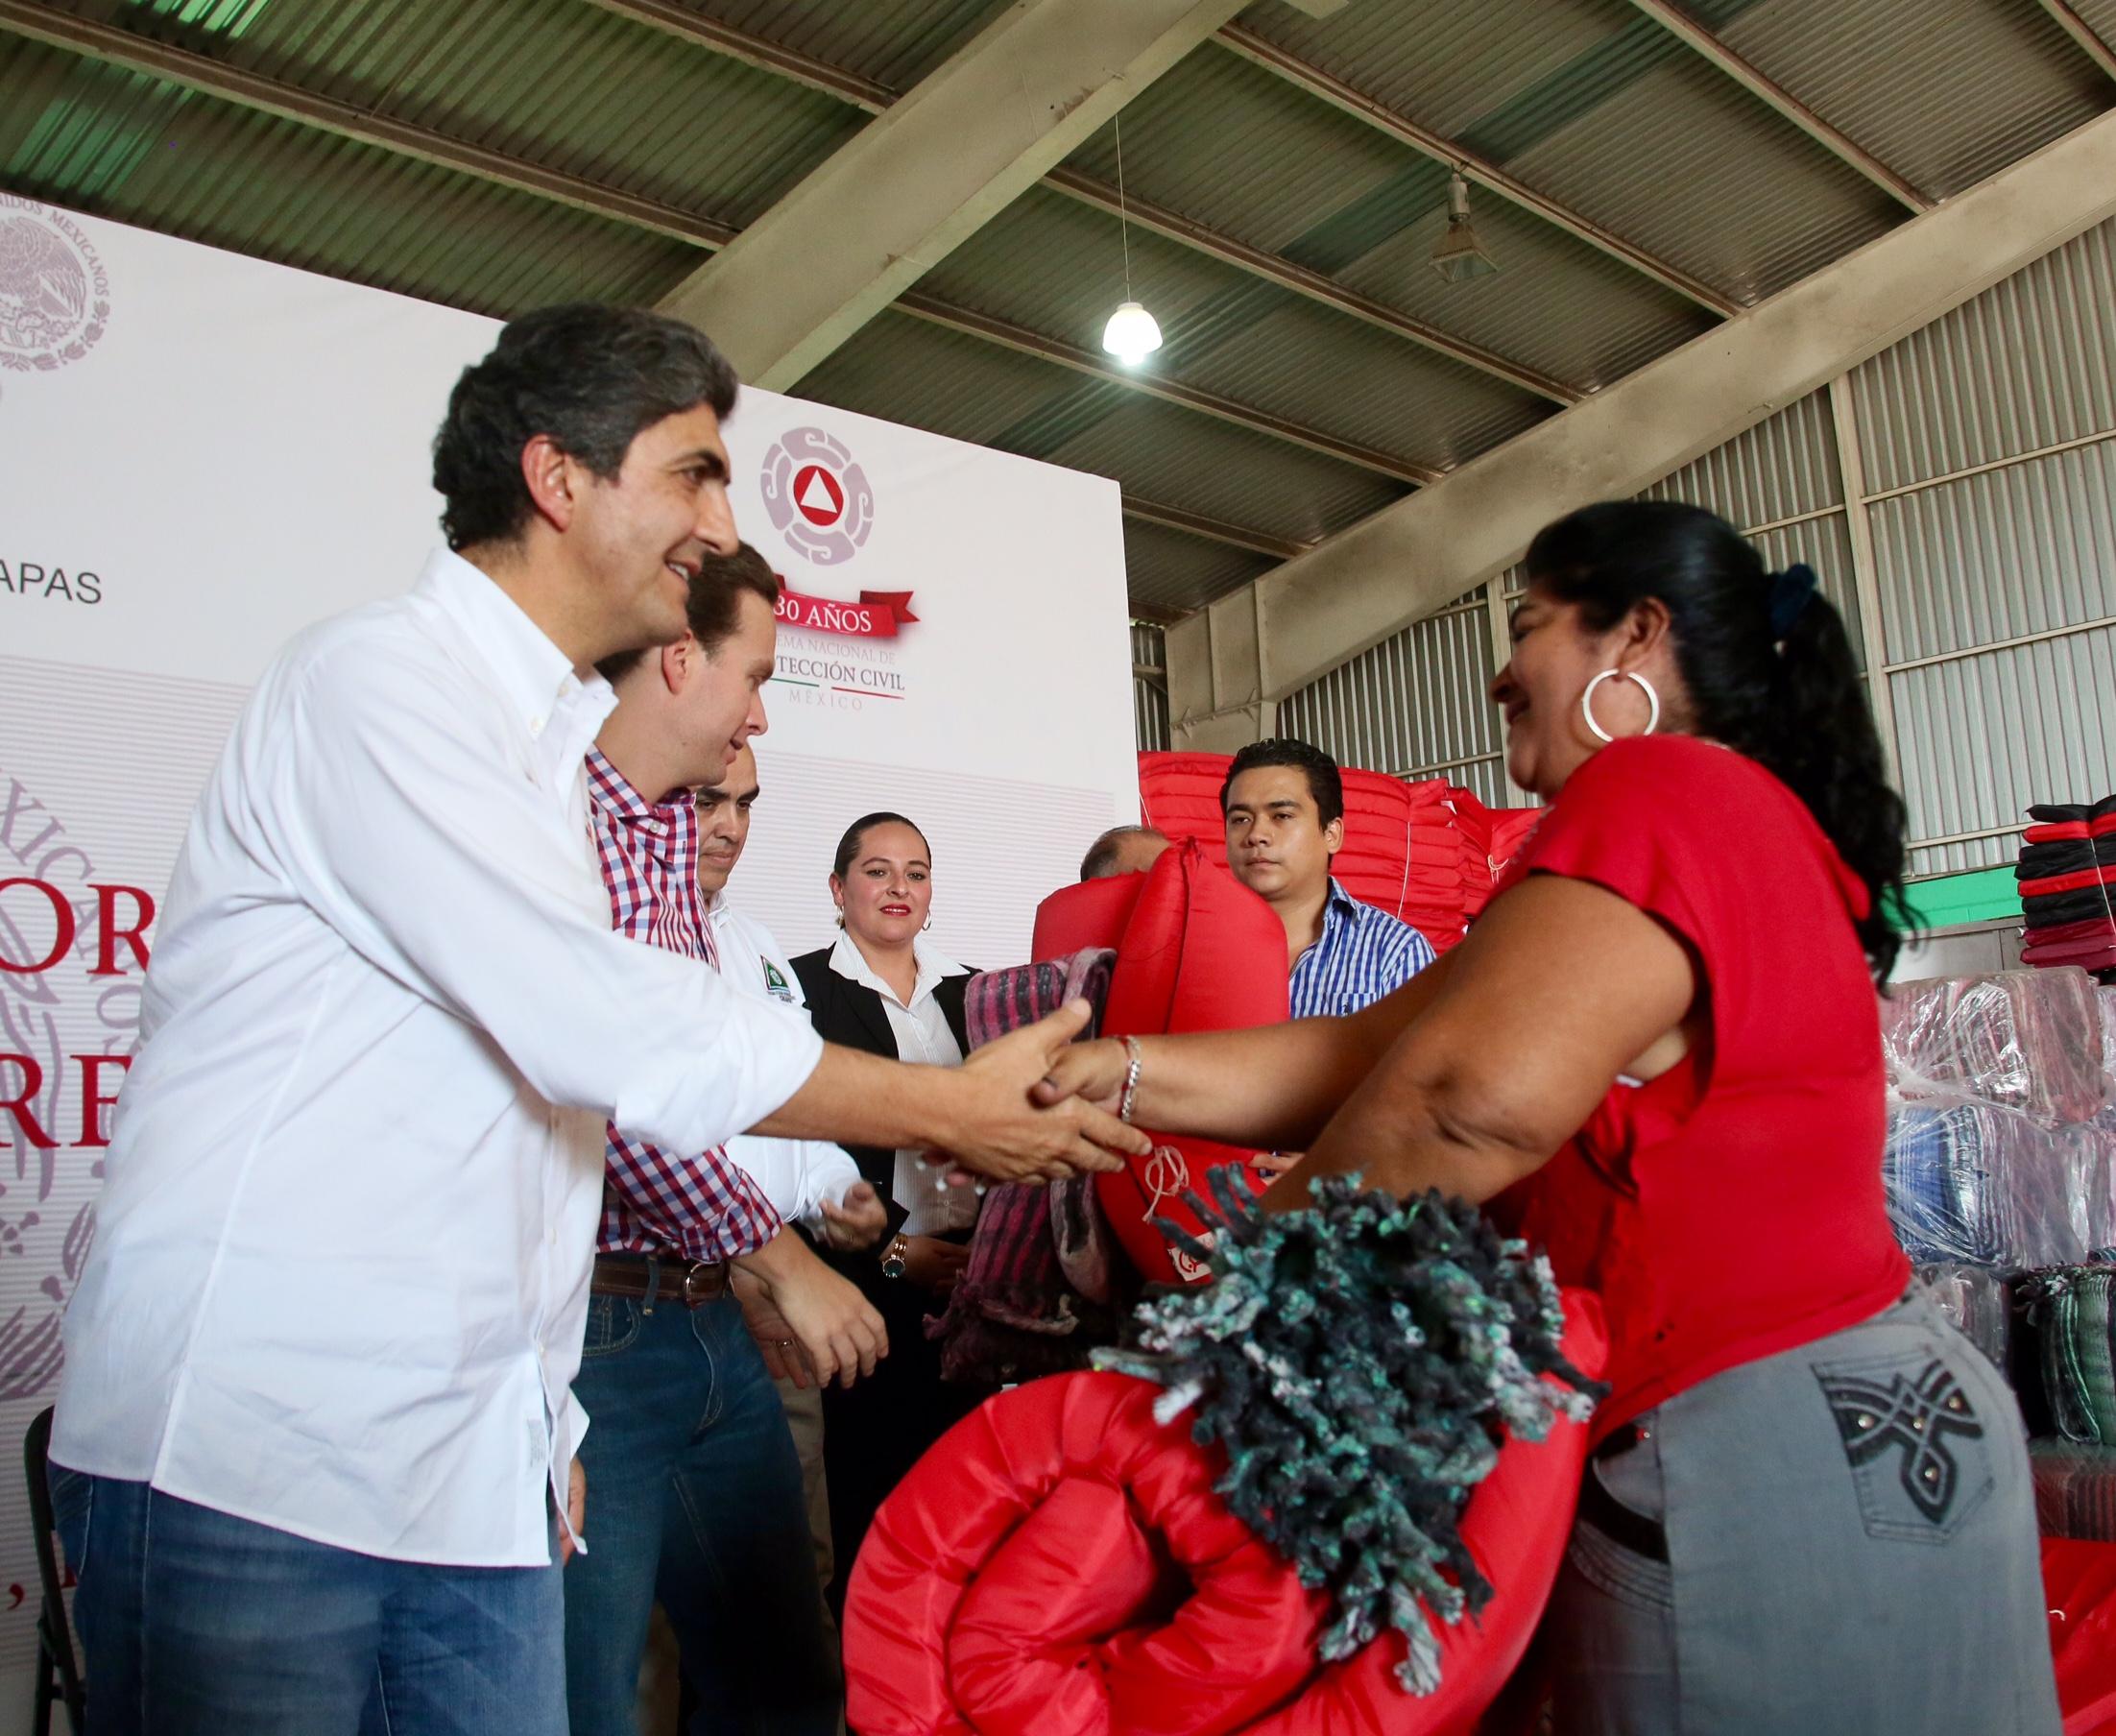 FOTO 2 El subsecretario Ernesto Nemer y el gobernador Manuel Velasco participan en entrega de despensas  cobertores y colchonetas para m s de ocho municipios.jpg